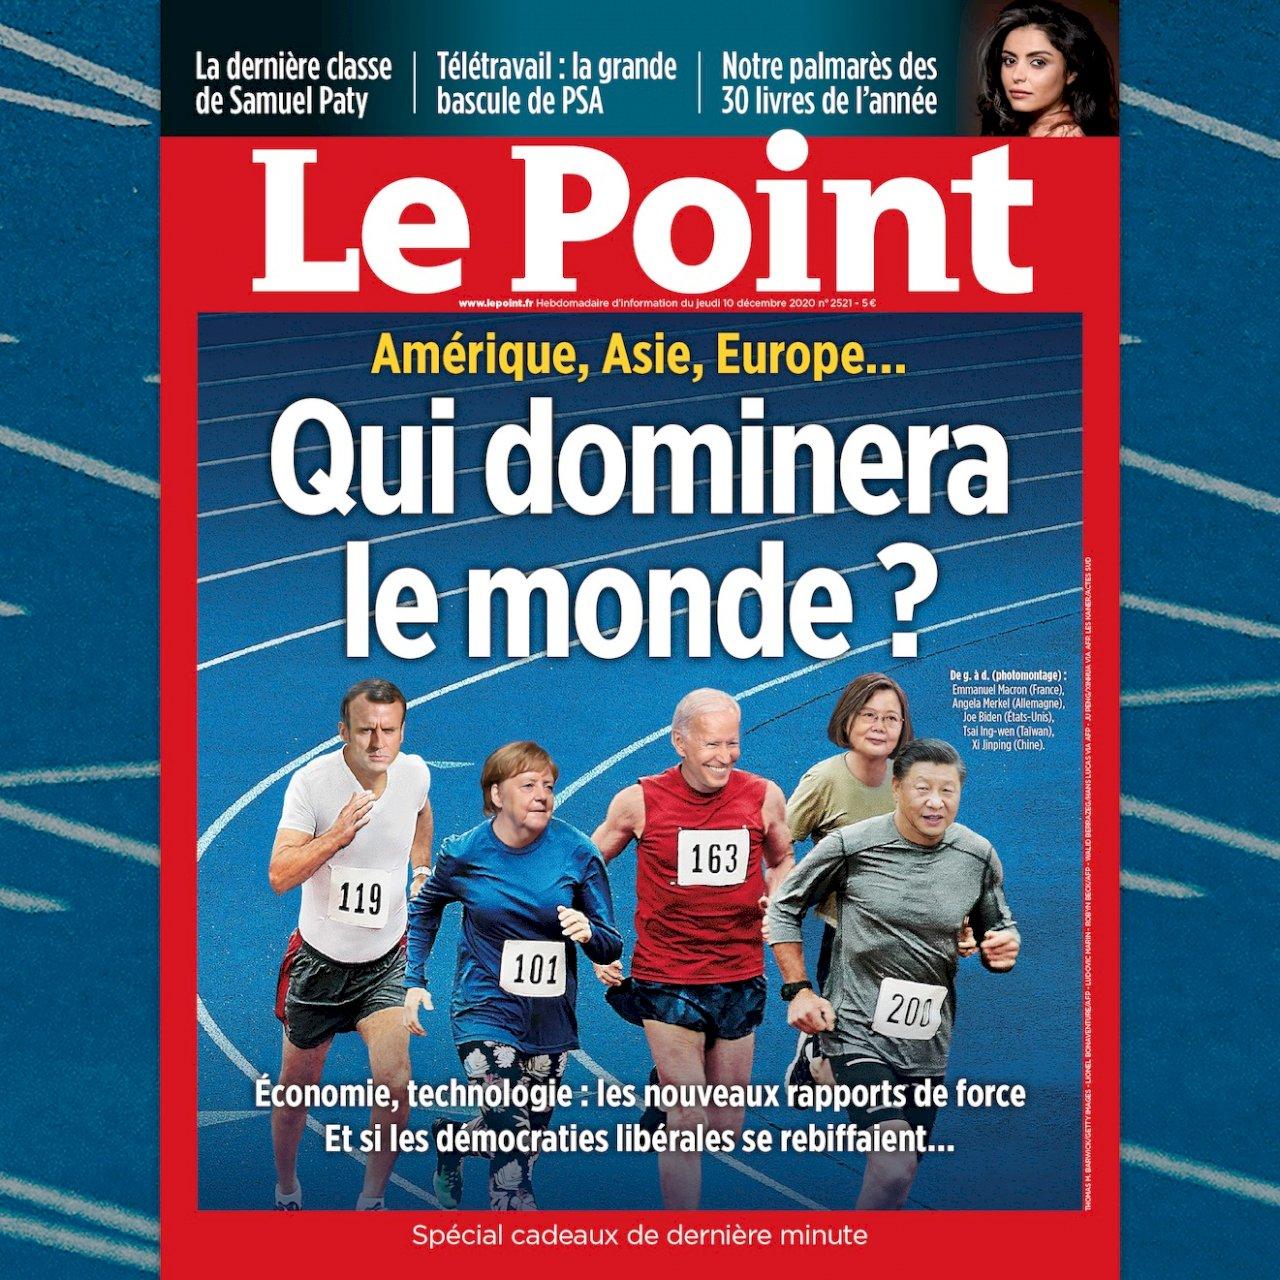 誰將主宰世界? 法週刊封面蔡總統與四大國領袖並列